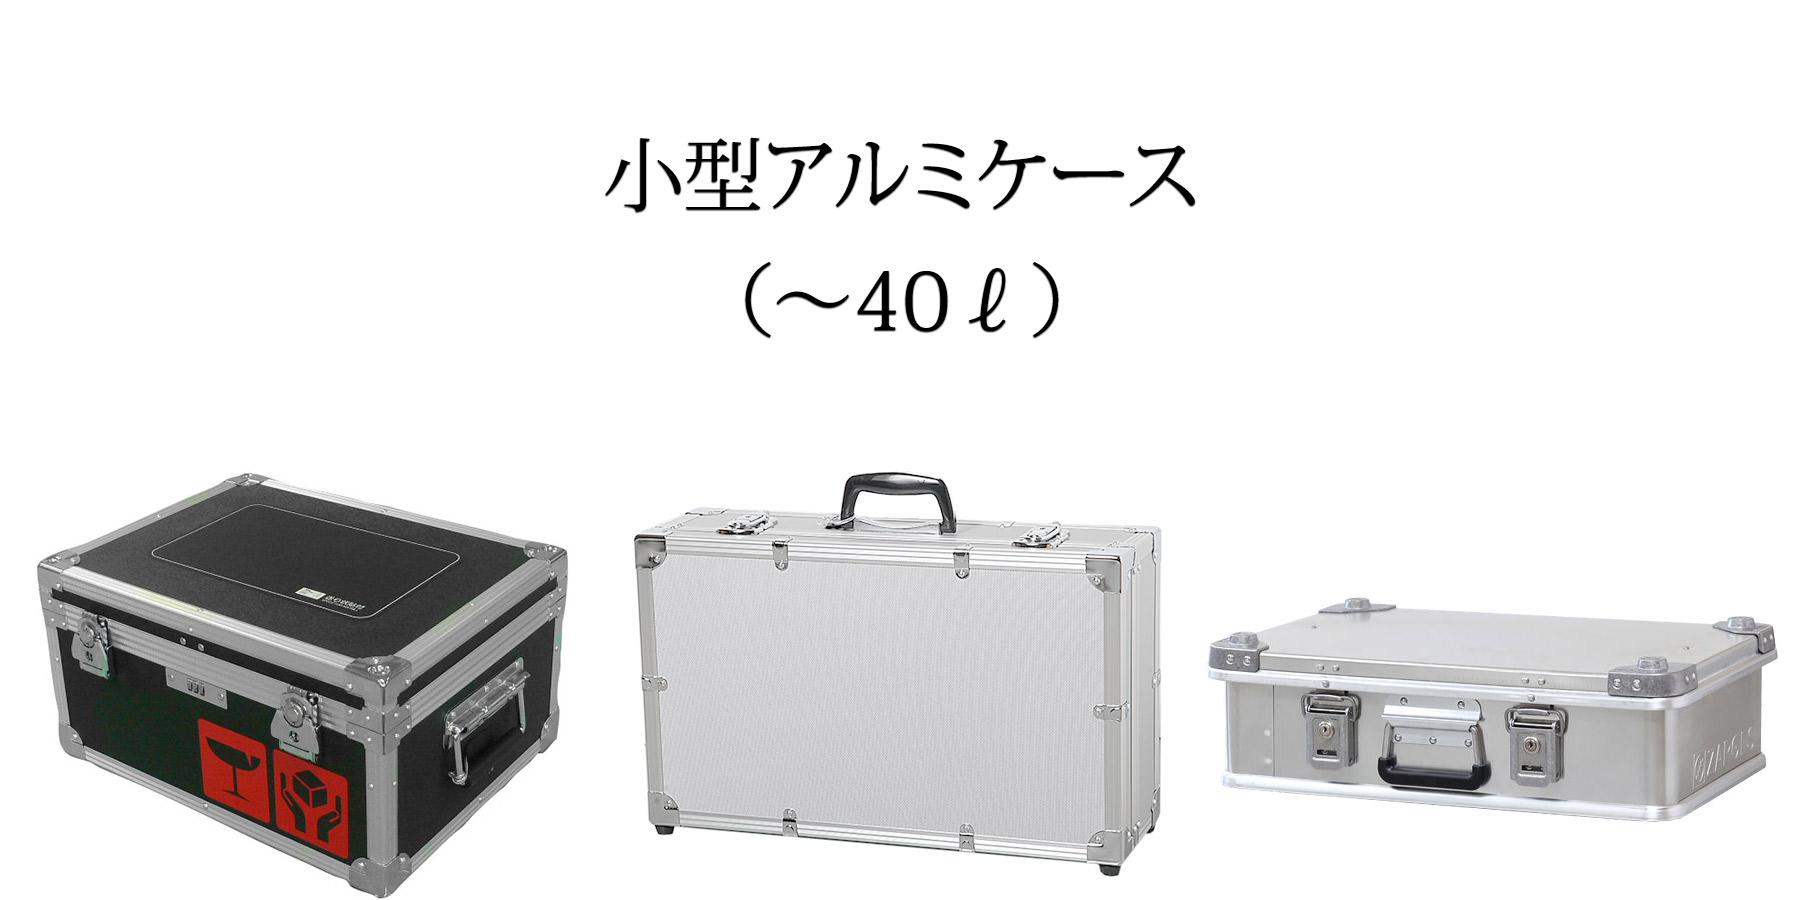 小型アルミケース (~40ℓ)